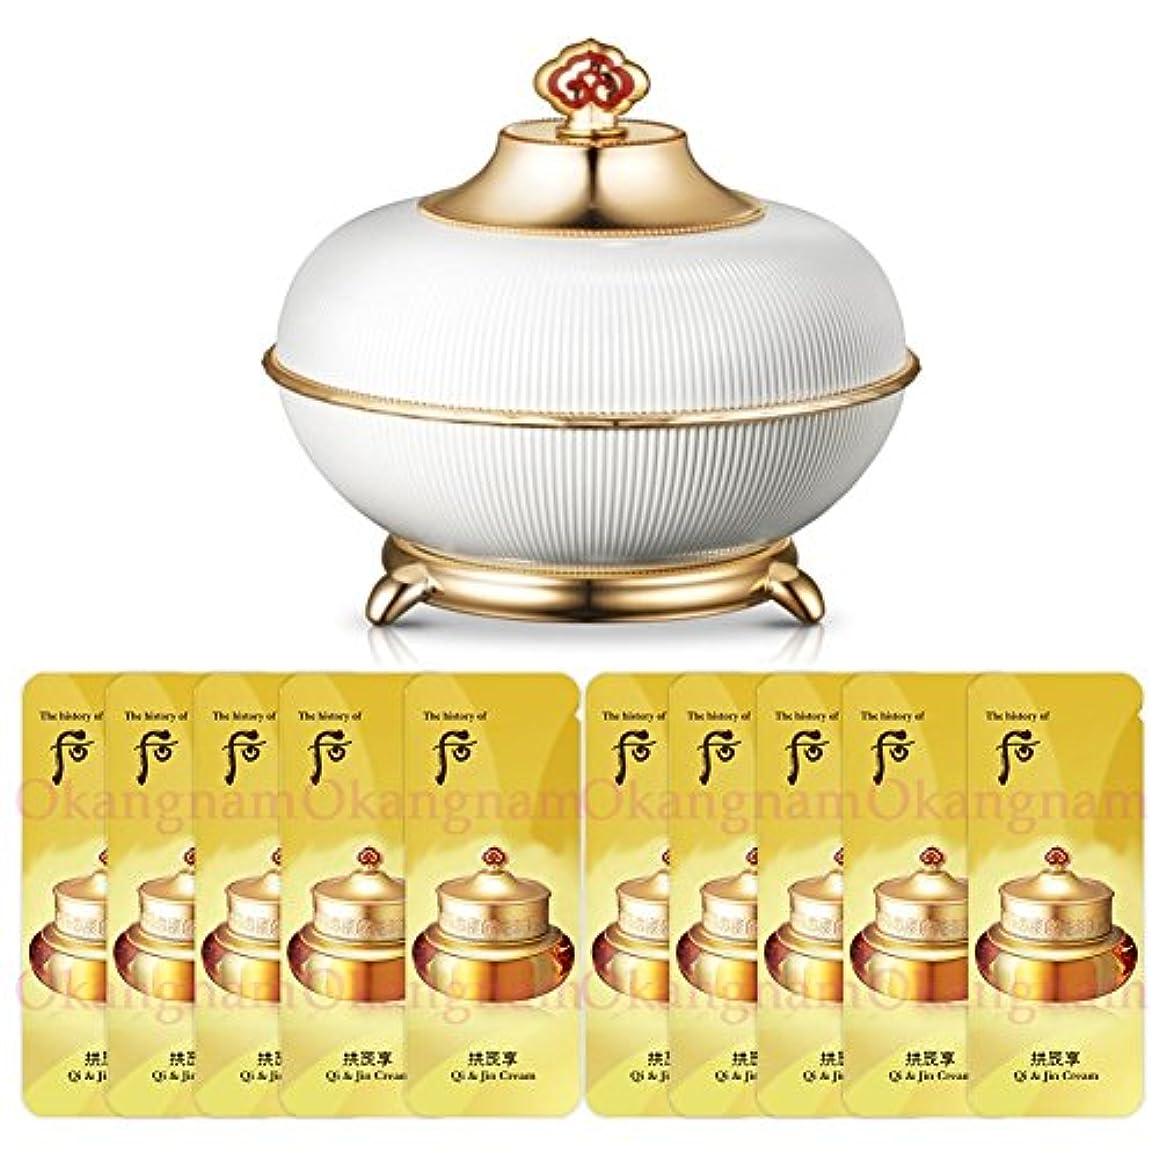 検閲ペストリー下る【フー/The history of whoo] Whoo 后 MOH02 Secret Court Cream/后(フー) ミョンイヒャン ビダンゴ 50ml + [Sample Gift](海外直送品)